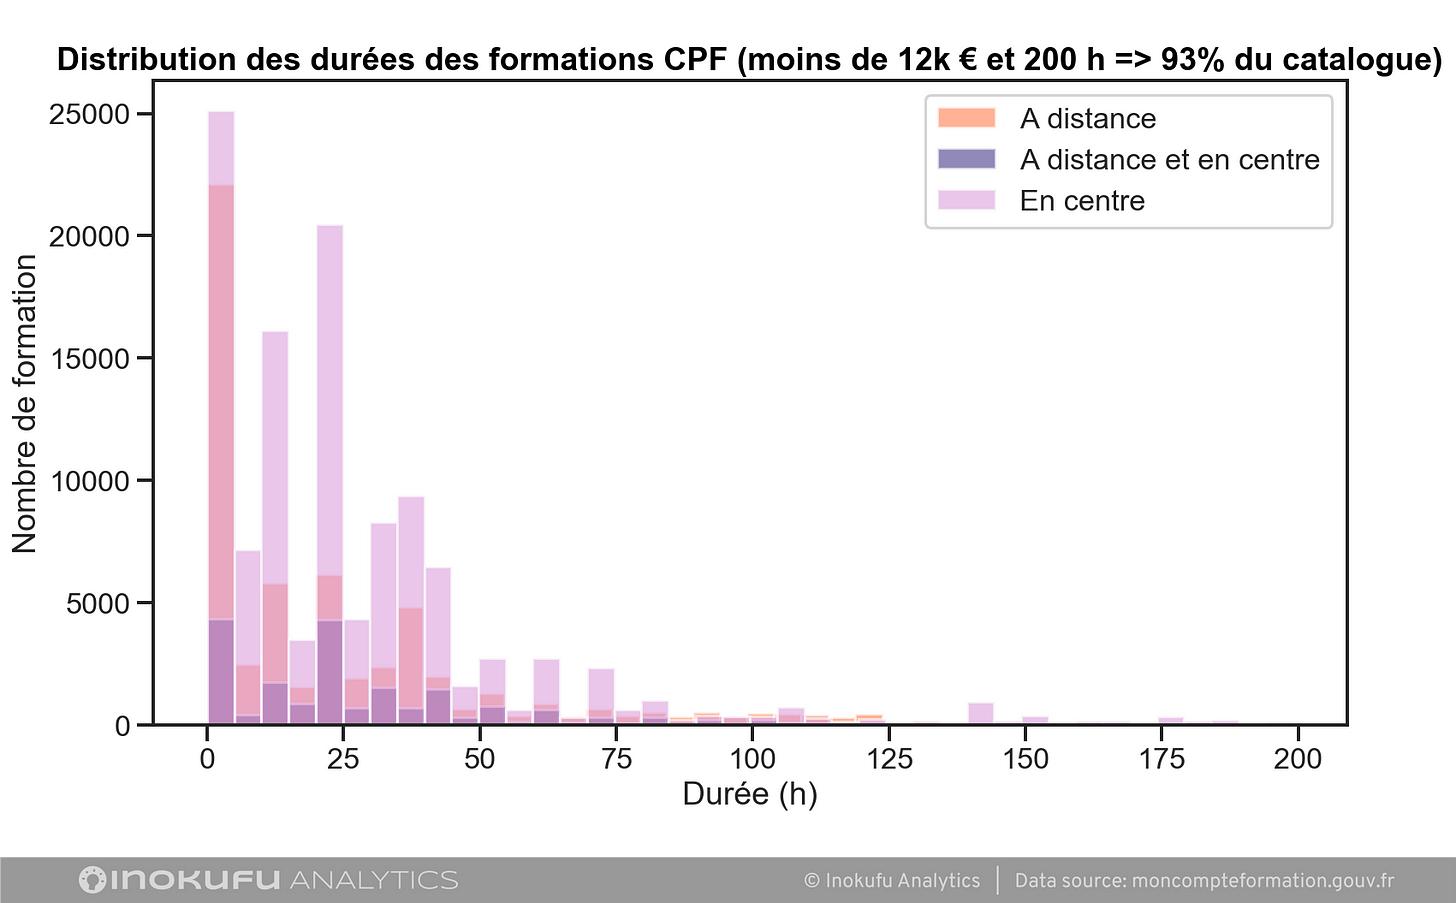 graphique distribution durées formation CPF